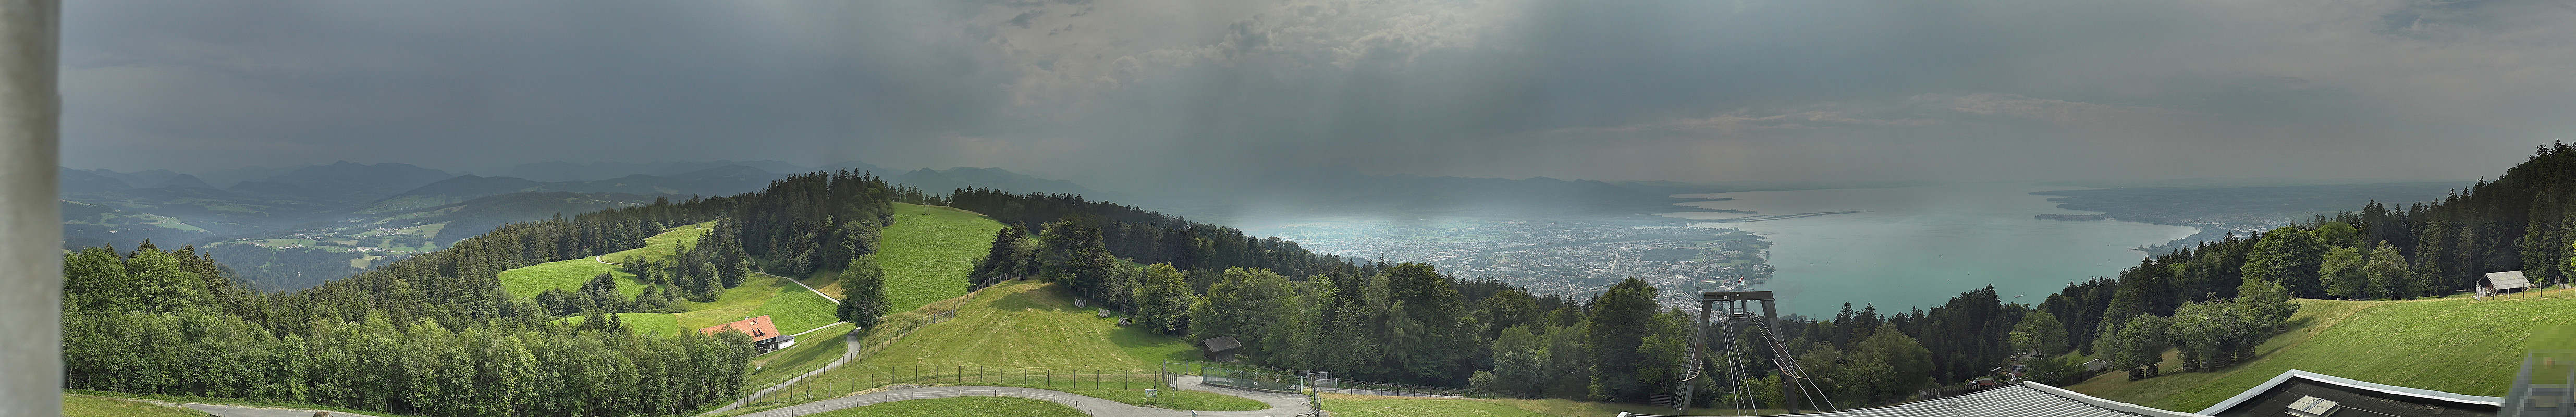 Bregenz Pfänder (Blick von der Bergstation)